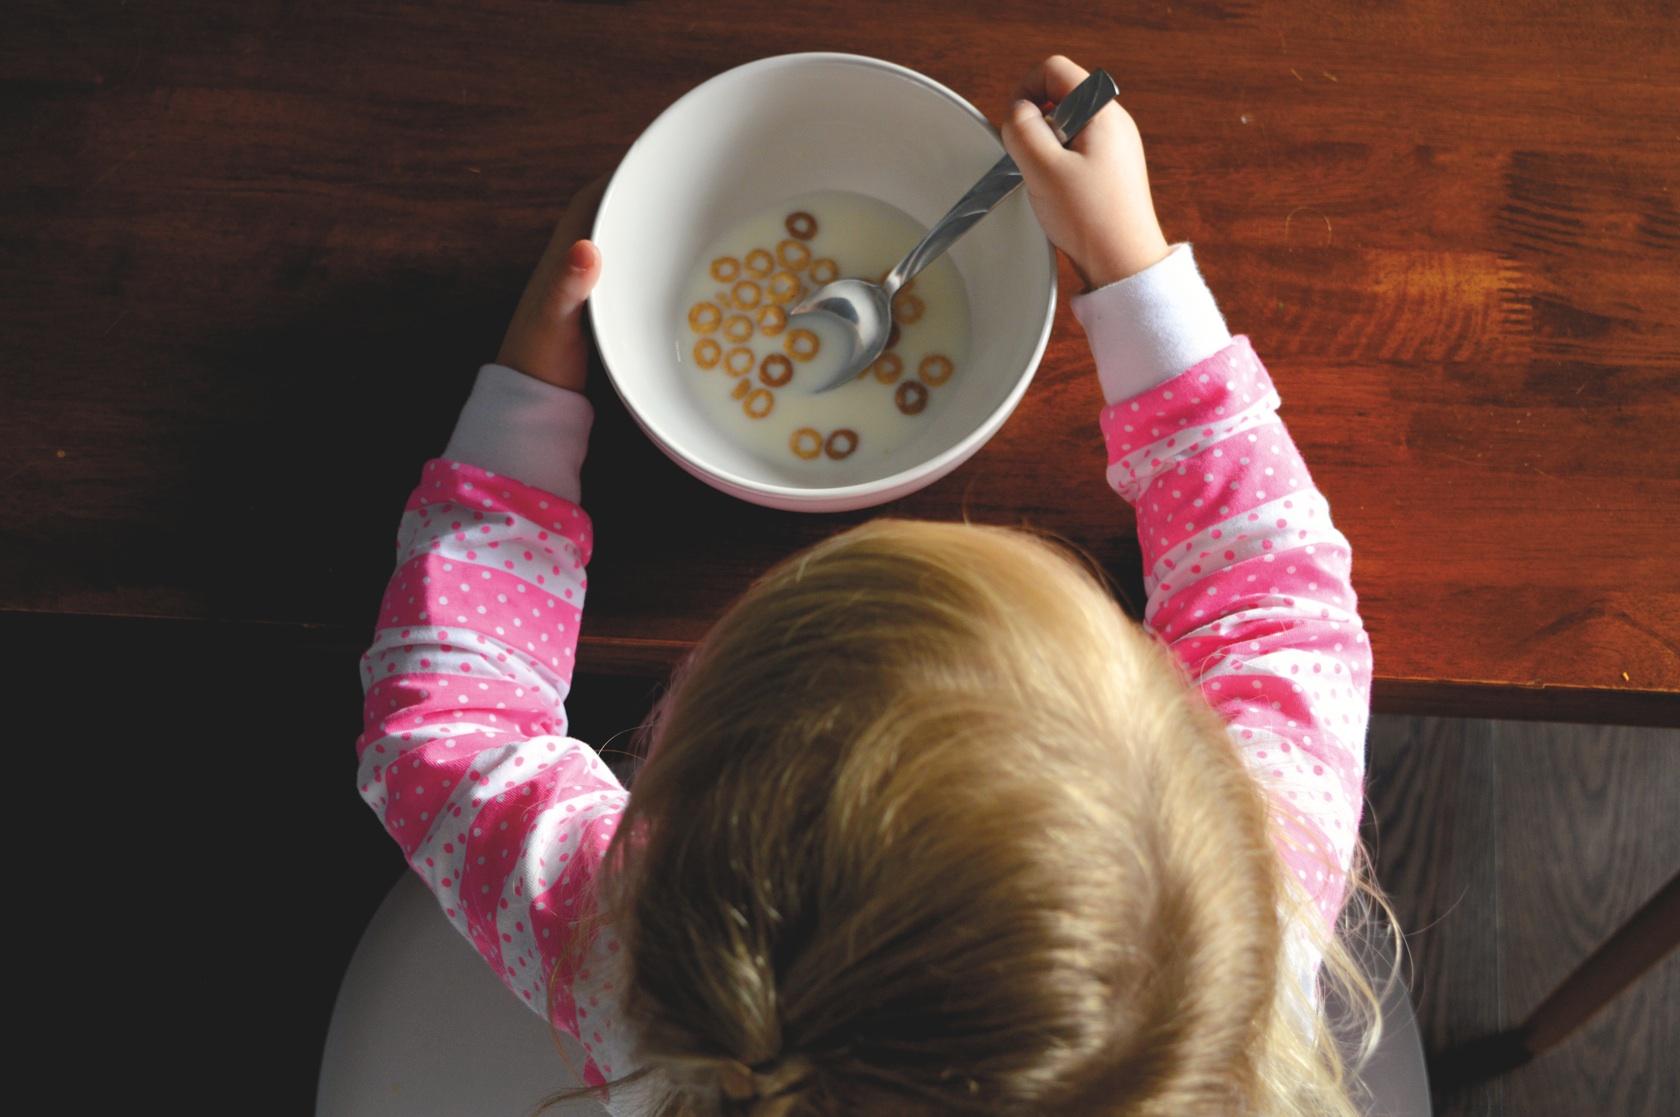 Расчет питания в дошкольном учреждении